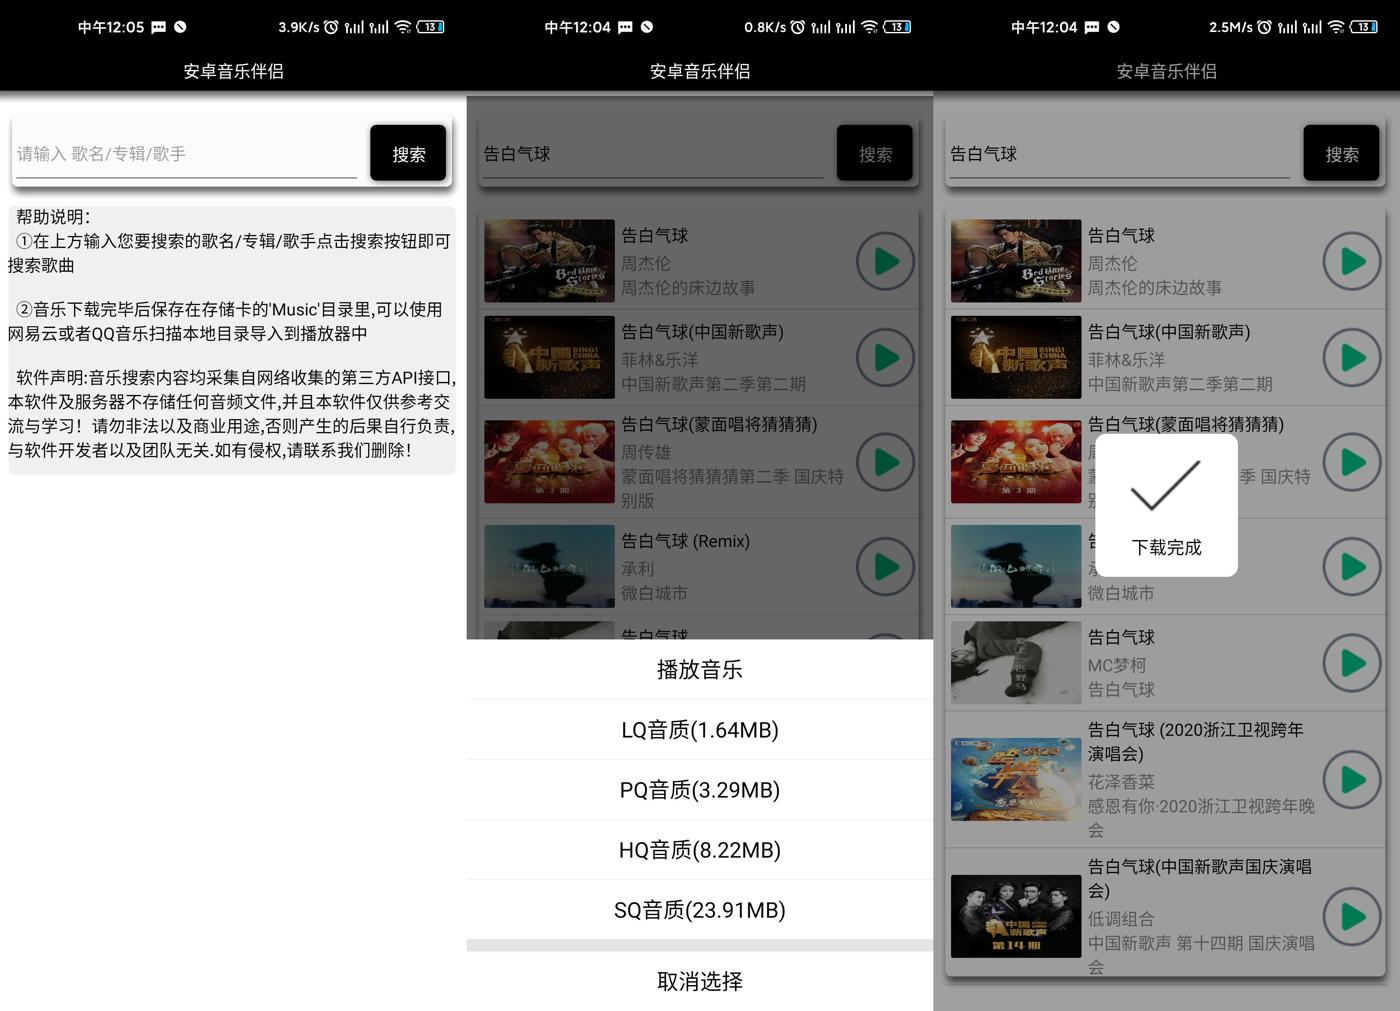 安卓音乐伴侣v3.0 无损下载